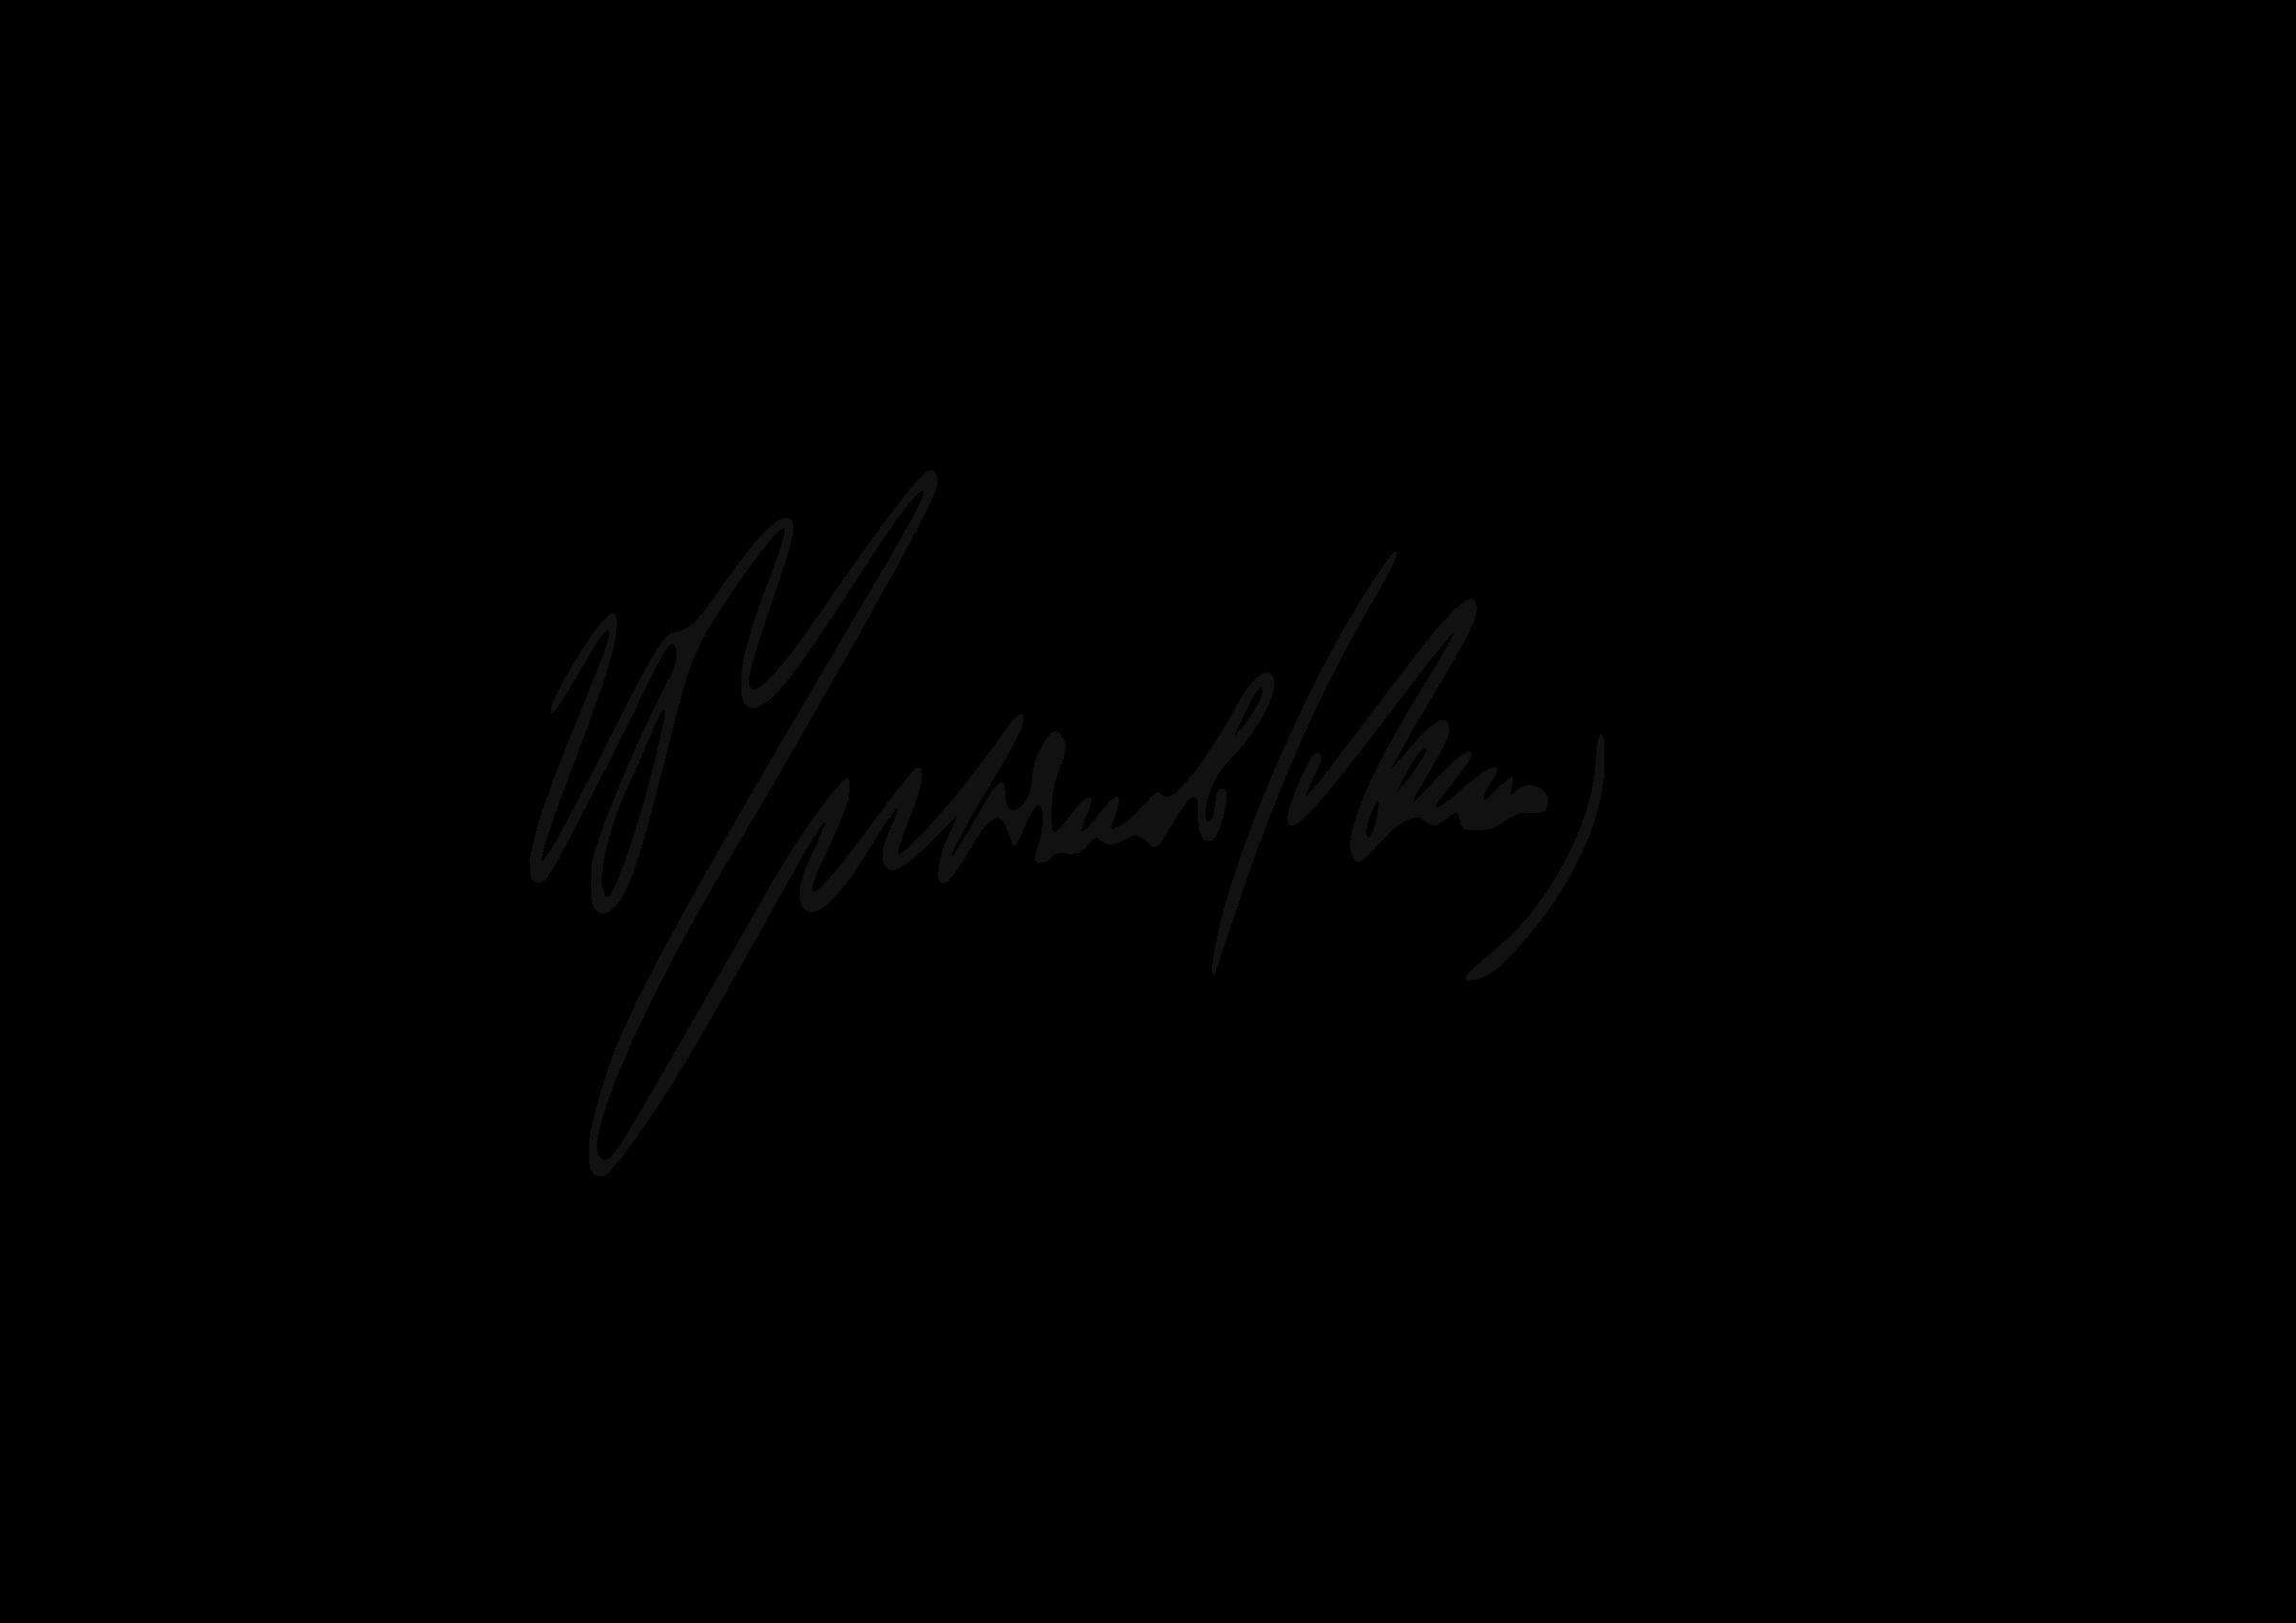 Lenin big image png. Hand clipart signature